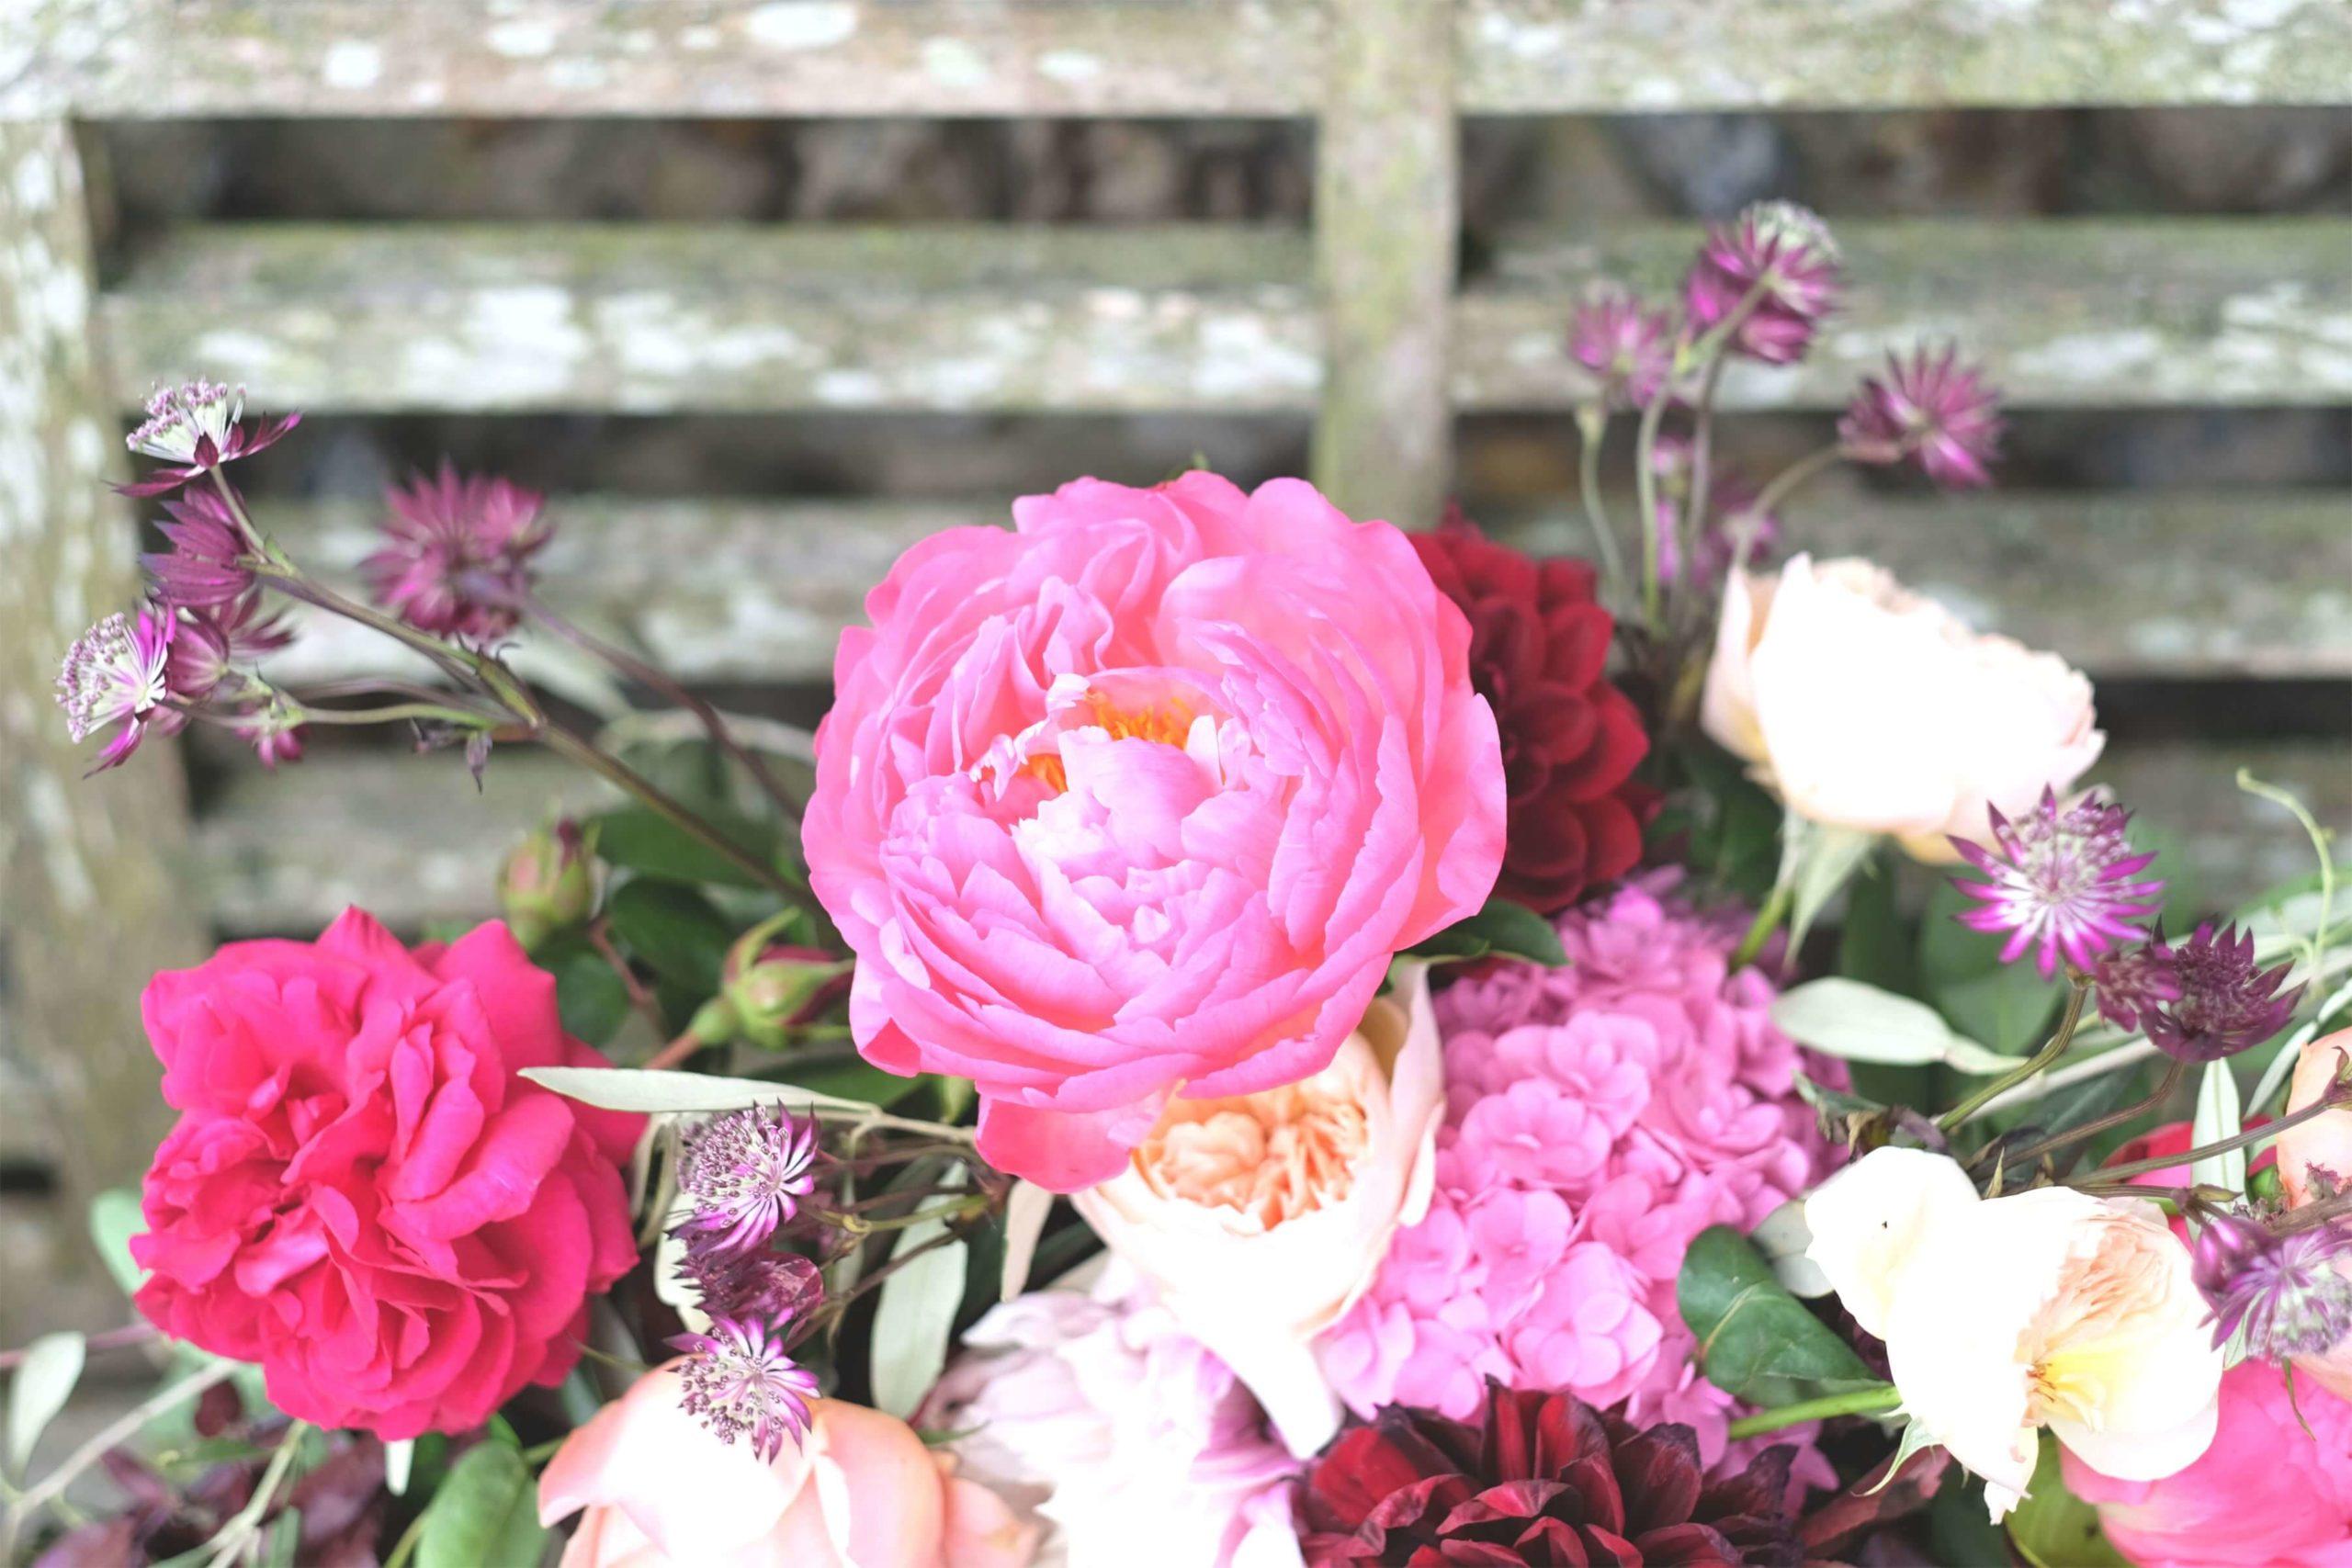 Rose, Claret & Blackberries 23